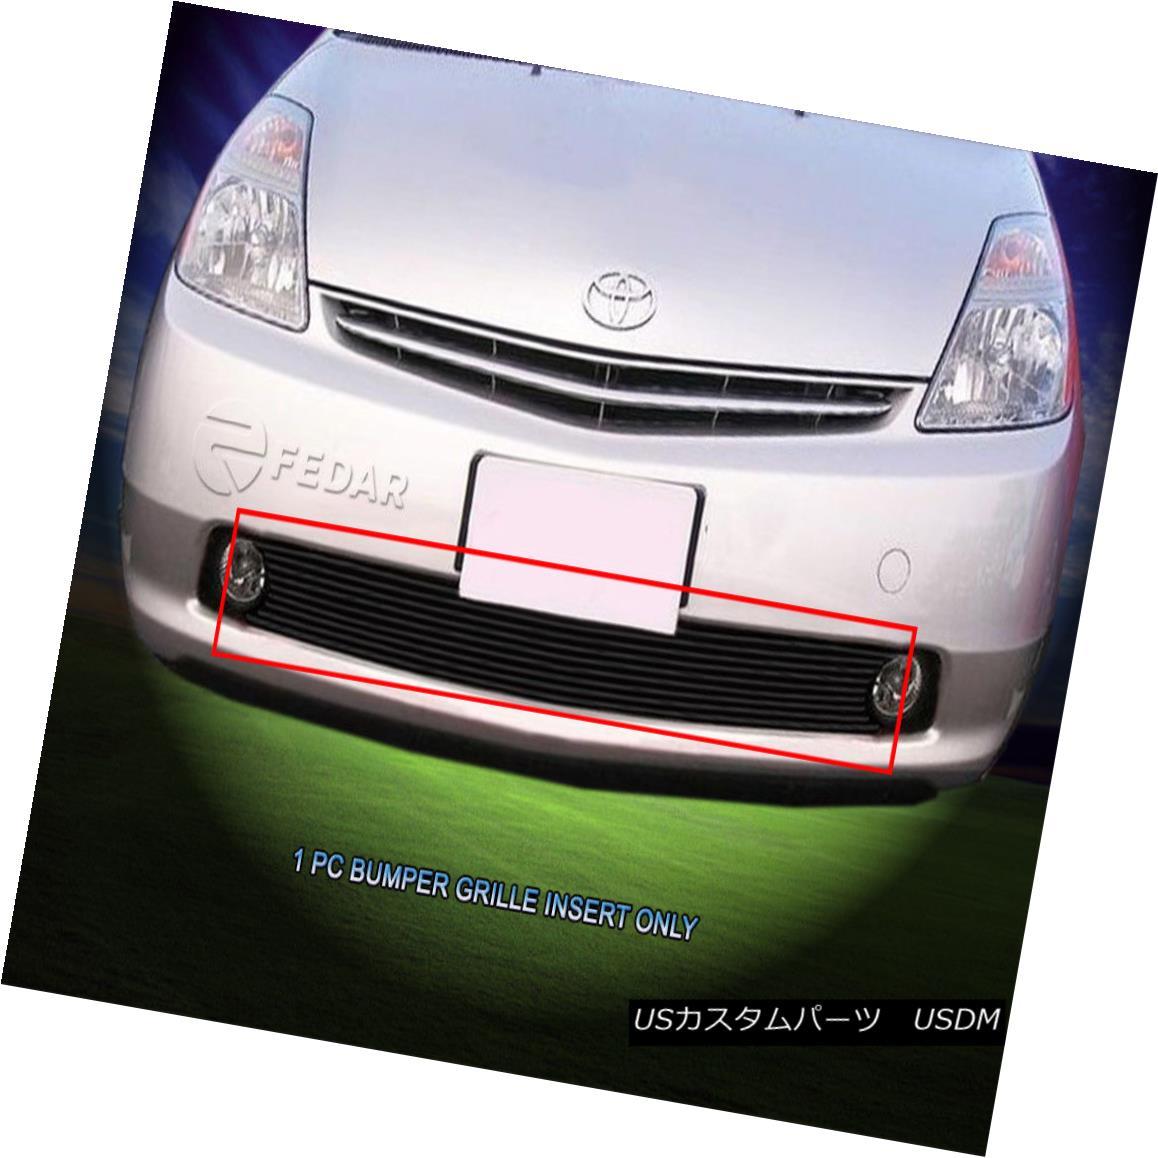 グリル For 06-09 Toyota Prius Black Billet Grille Lower Bumper Grill Insert Fedar 06-09のためにトヨタプリウスブラックビレットグリルロワーバンパーグリルインサートFedar